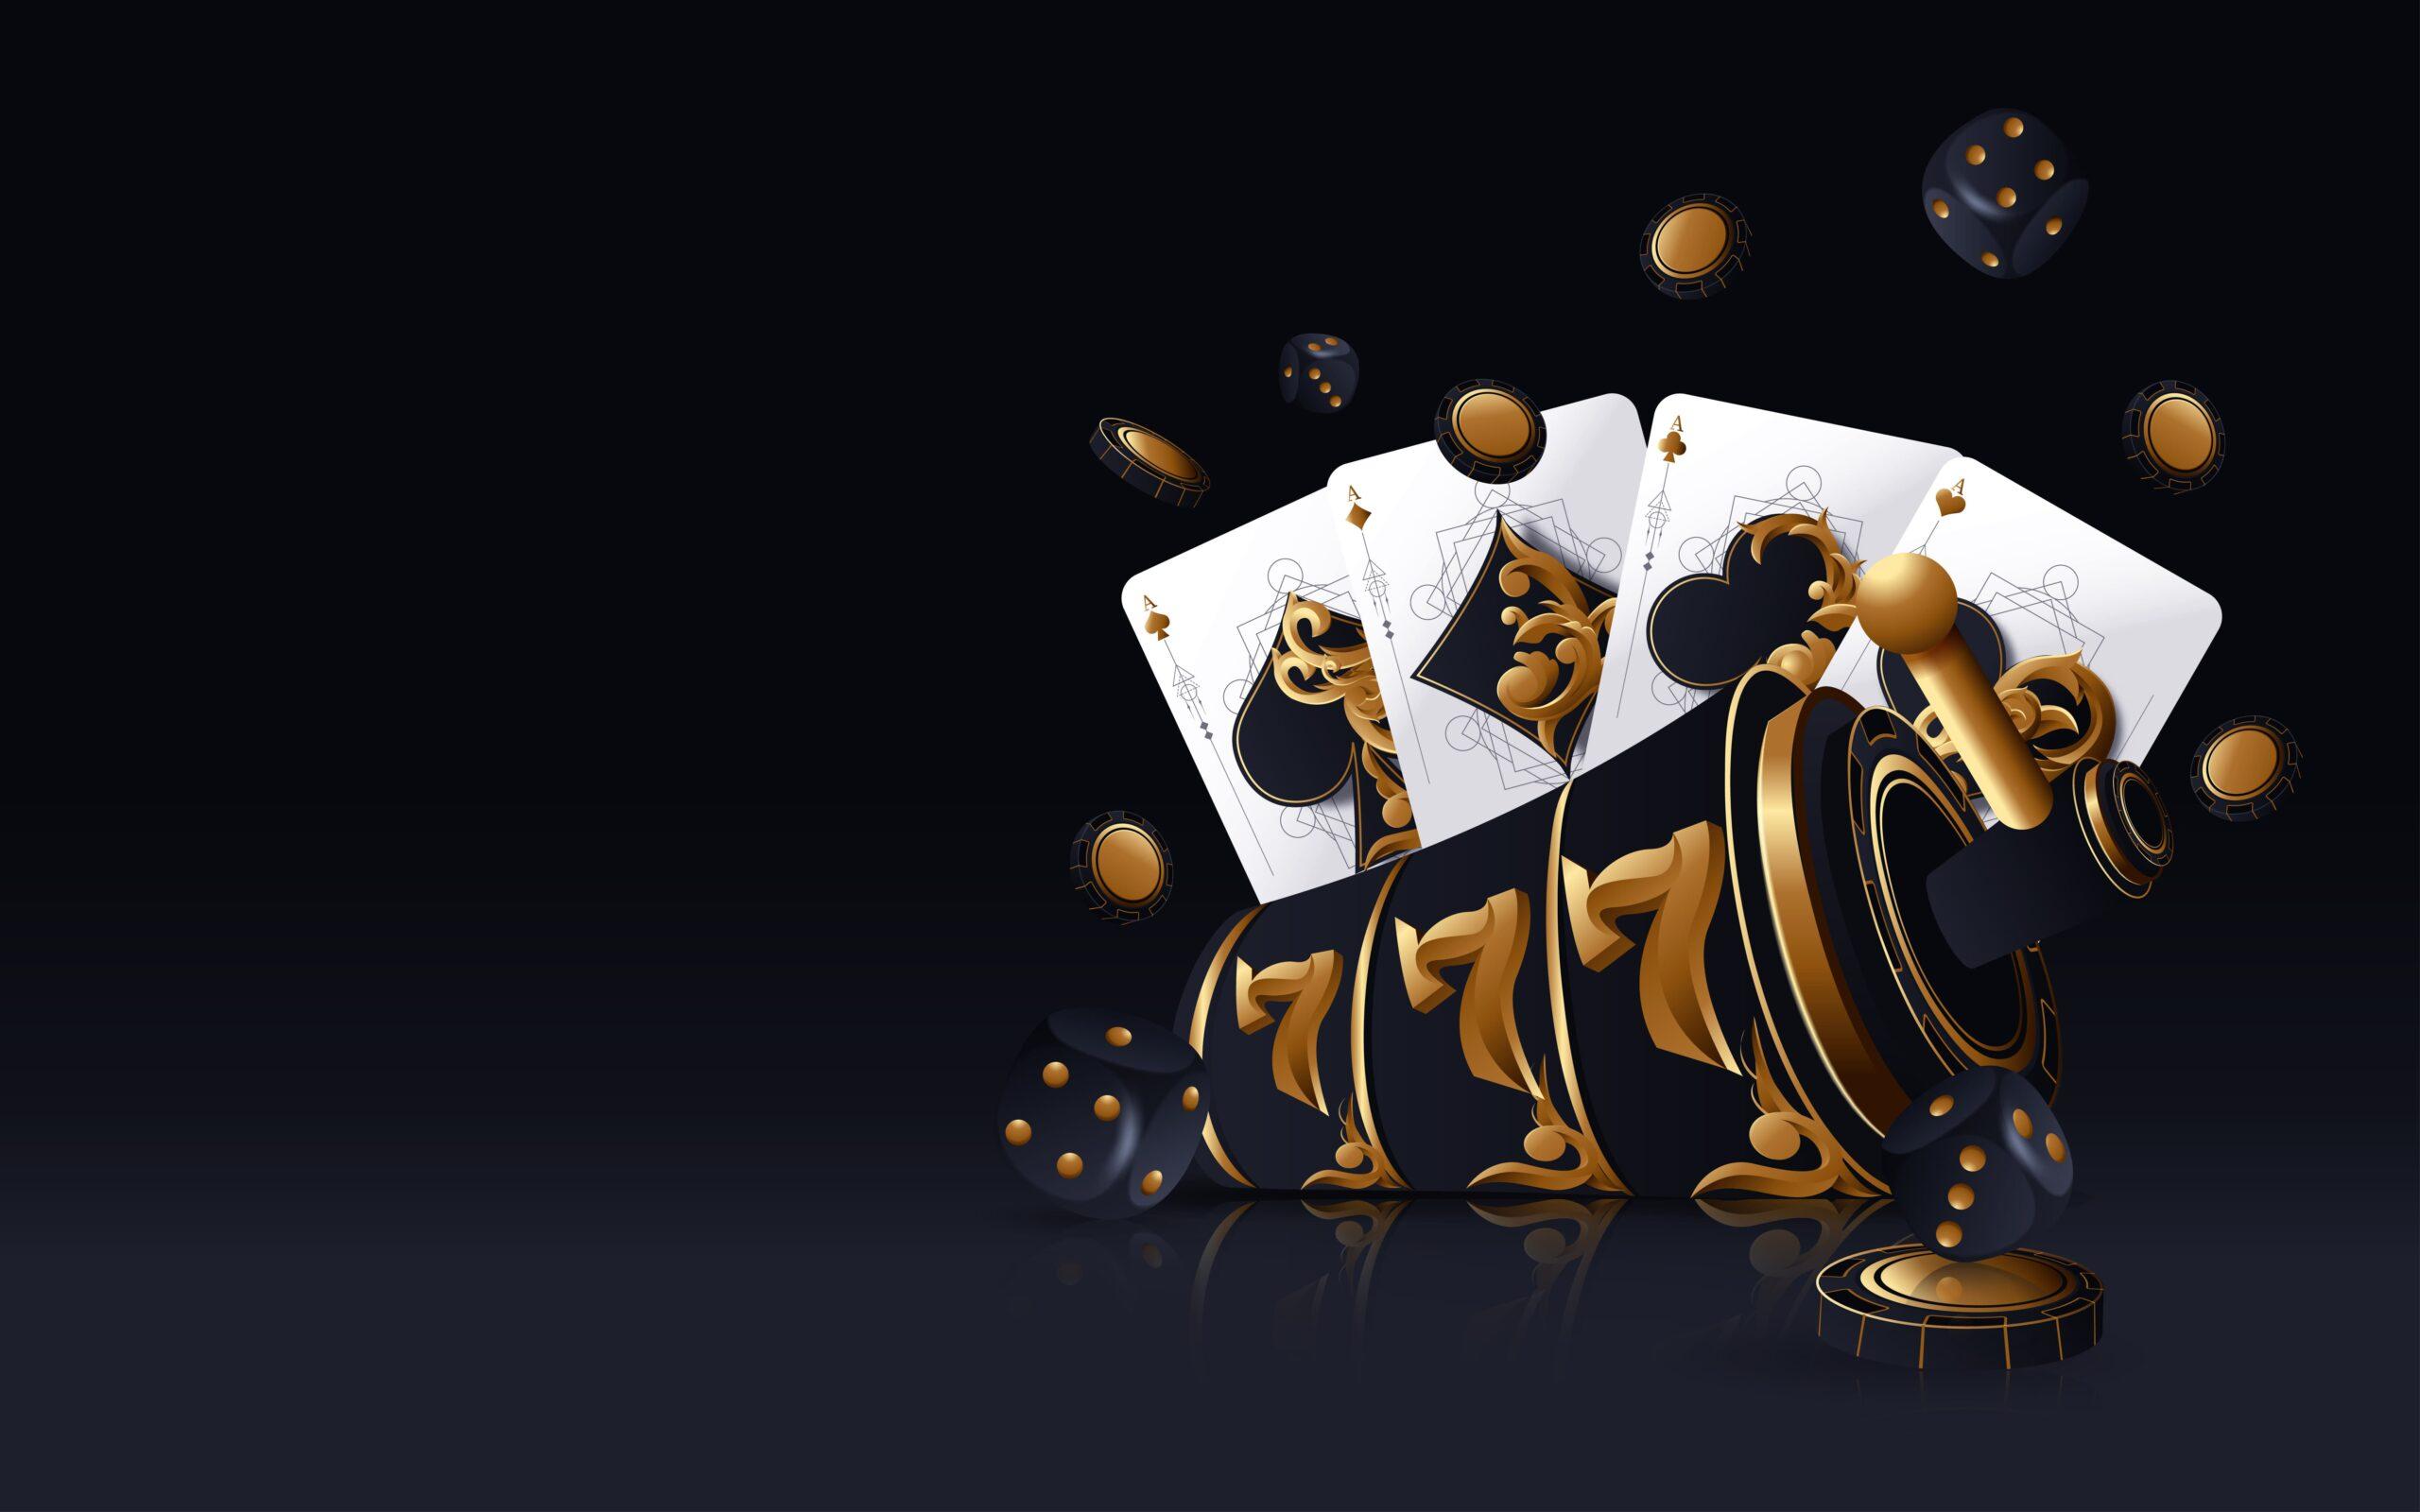 泰金(6629)管理產品表現亮眼,財報漂亮,全年營收12.6億元,每股配息6.61元